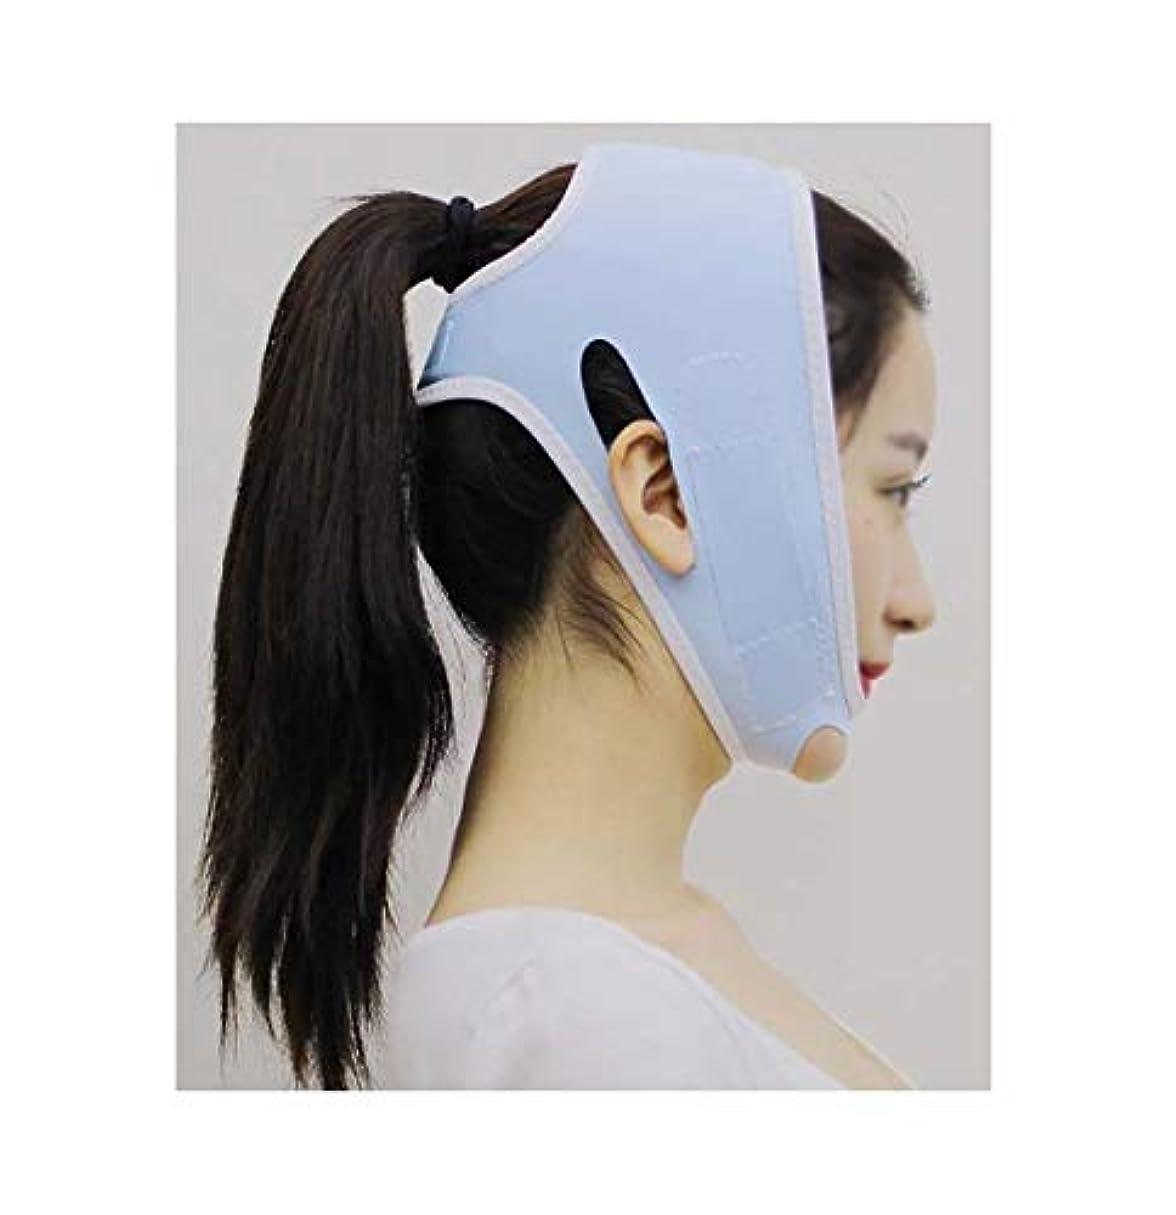 最大の気質サイクルTLMY 包帯ヘッドギアマスクの顔Vの顔の薄い顔のアーティファクトプラスチック美容ゴムバンドフェイスリフトネックリフト後薄い顔マスクあごベルトの回復 顔用整形マスク (Color : Blue)